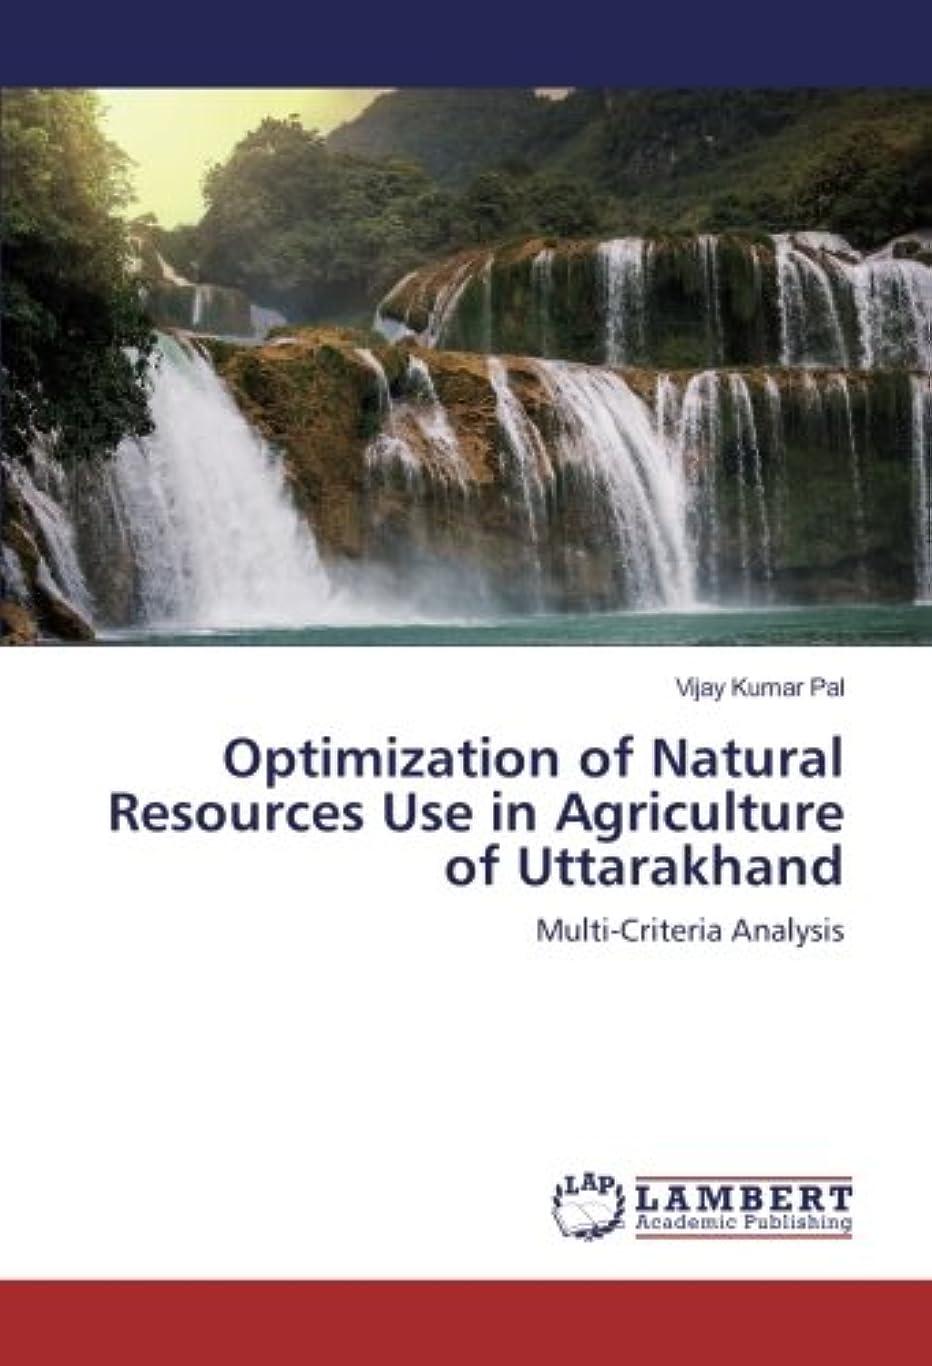 クライアント審判メンテナンスOptimization of Natural Resources Use in Agriculture of Uttarakhand: Multi-Criteria Analysis